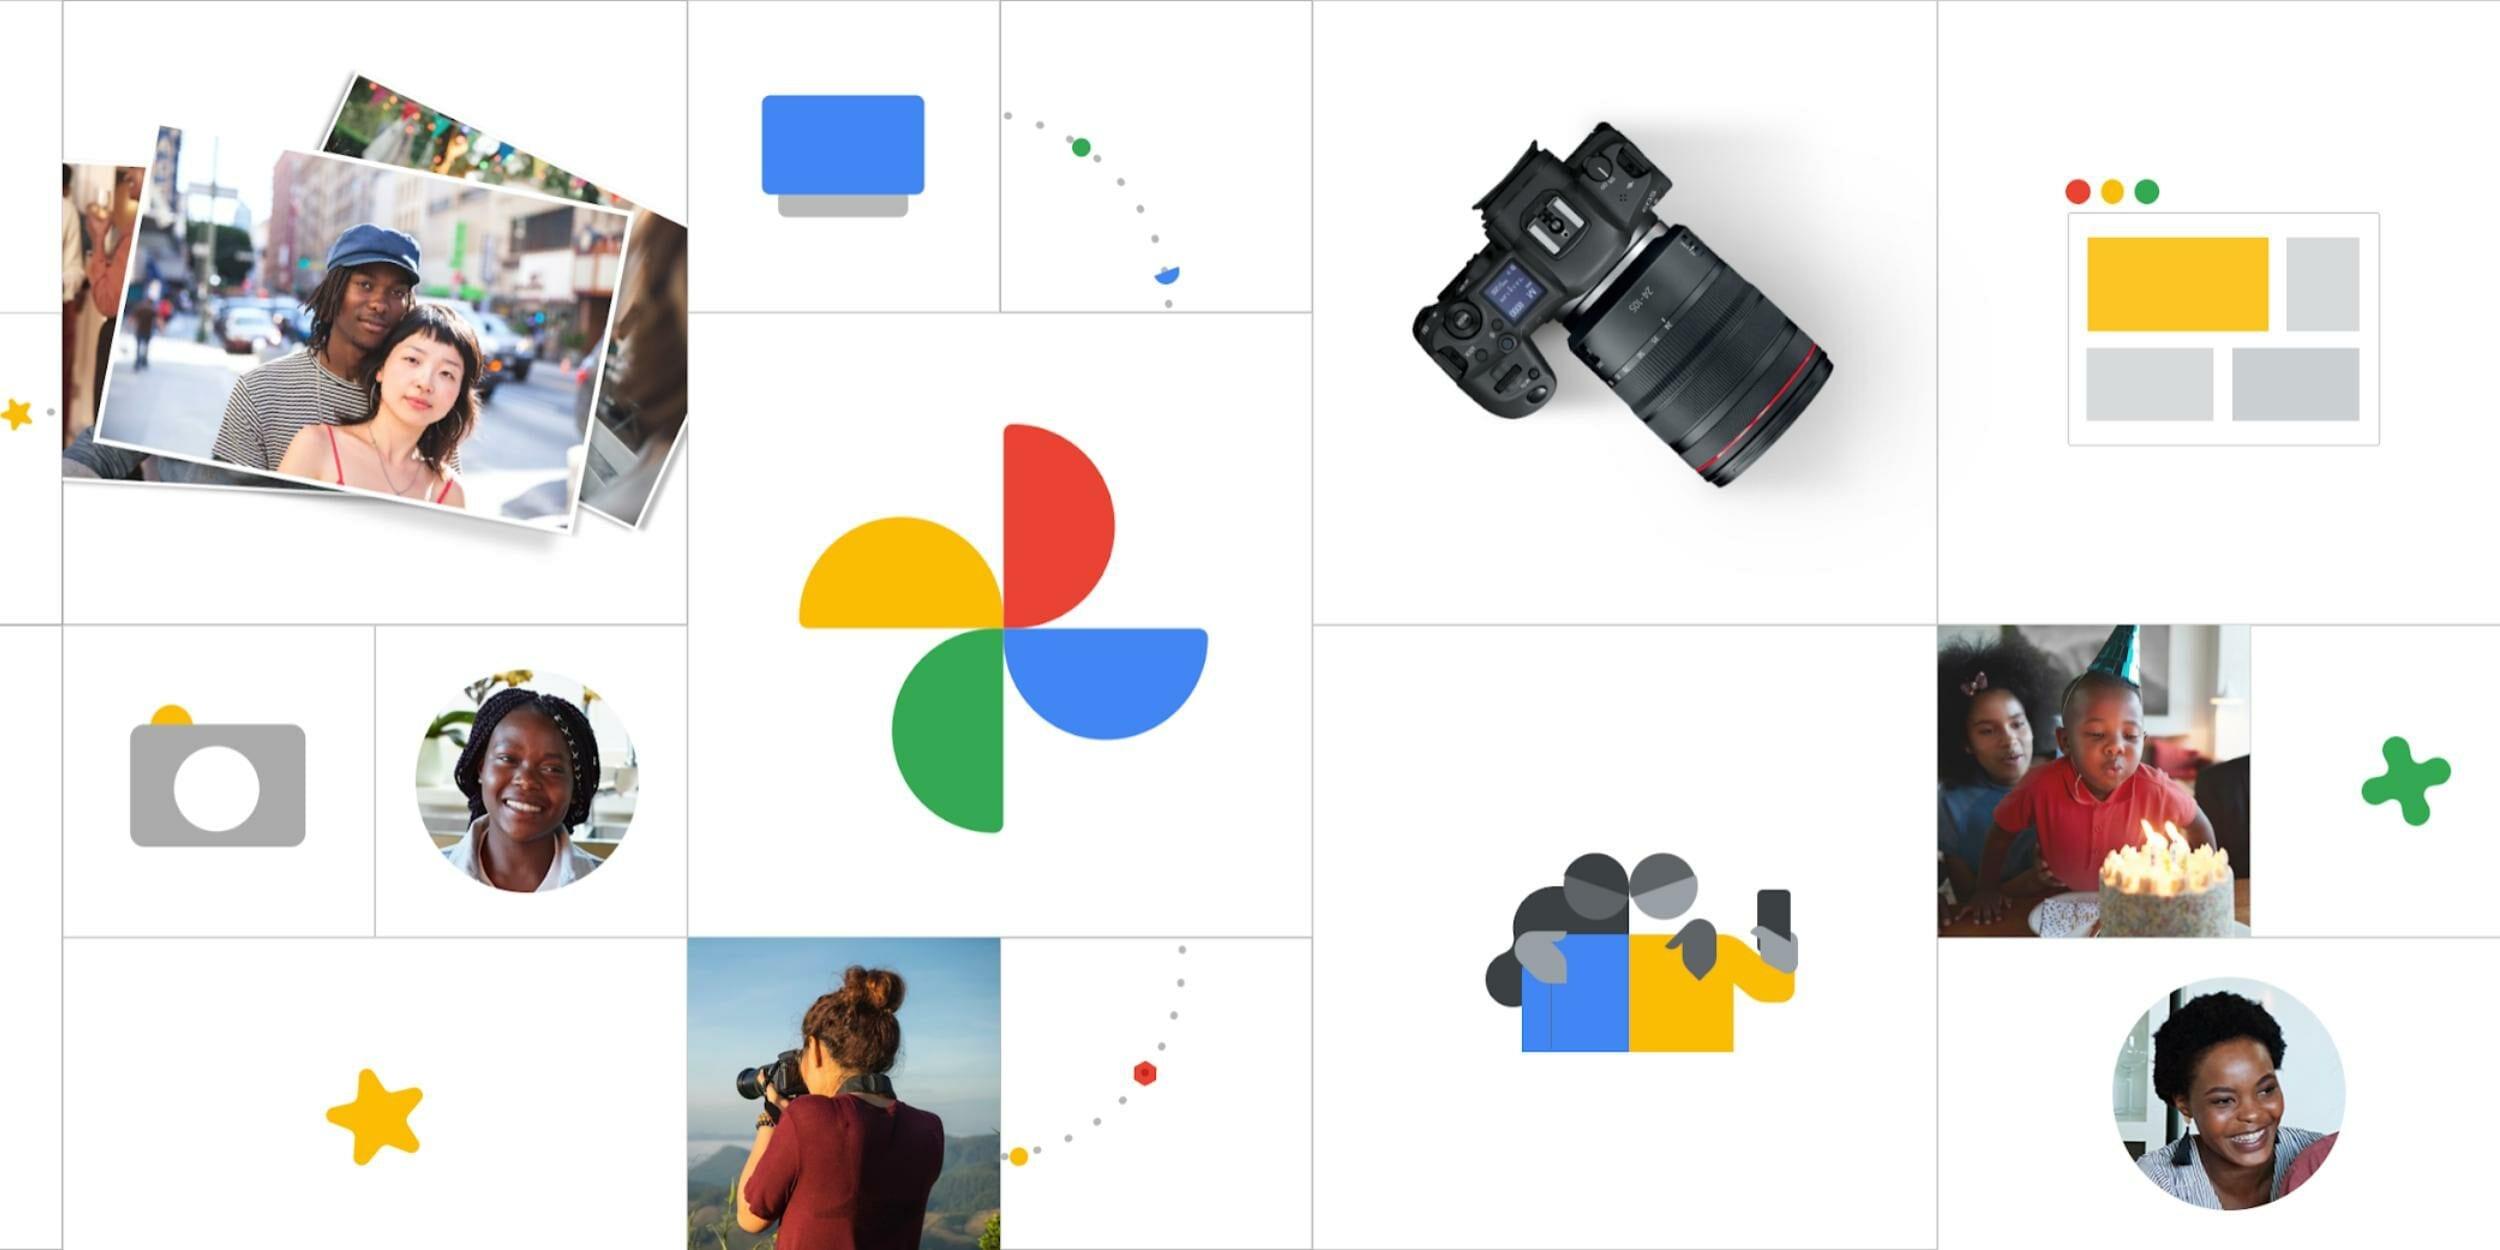 Google si dedica al miglioramento della versione web di Google Foto (foto)